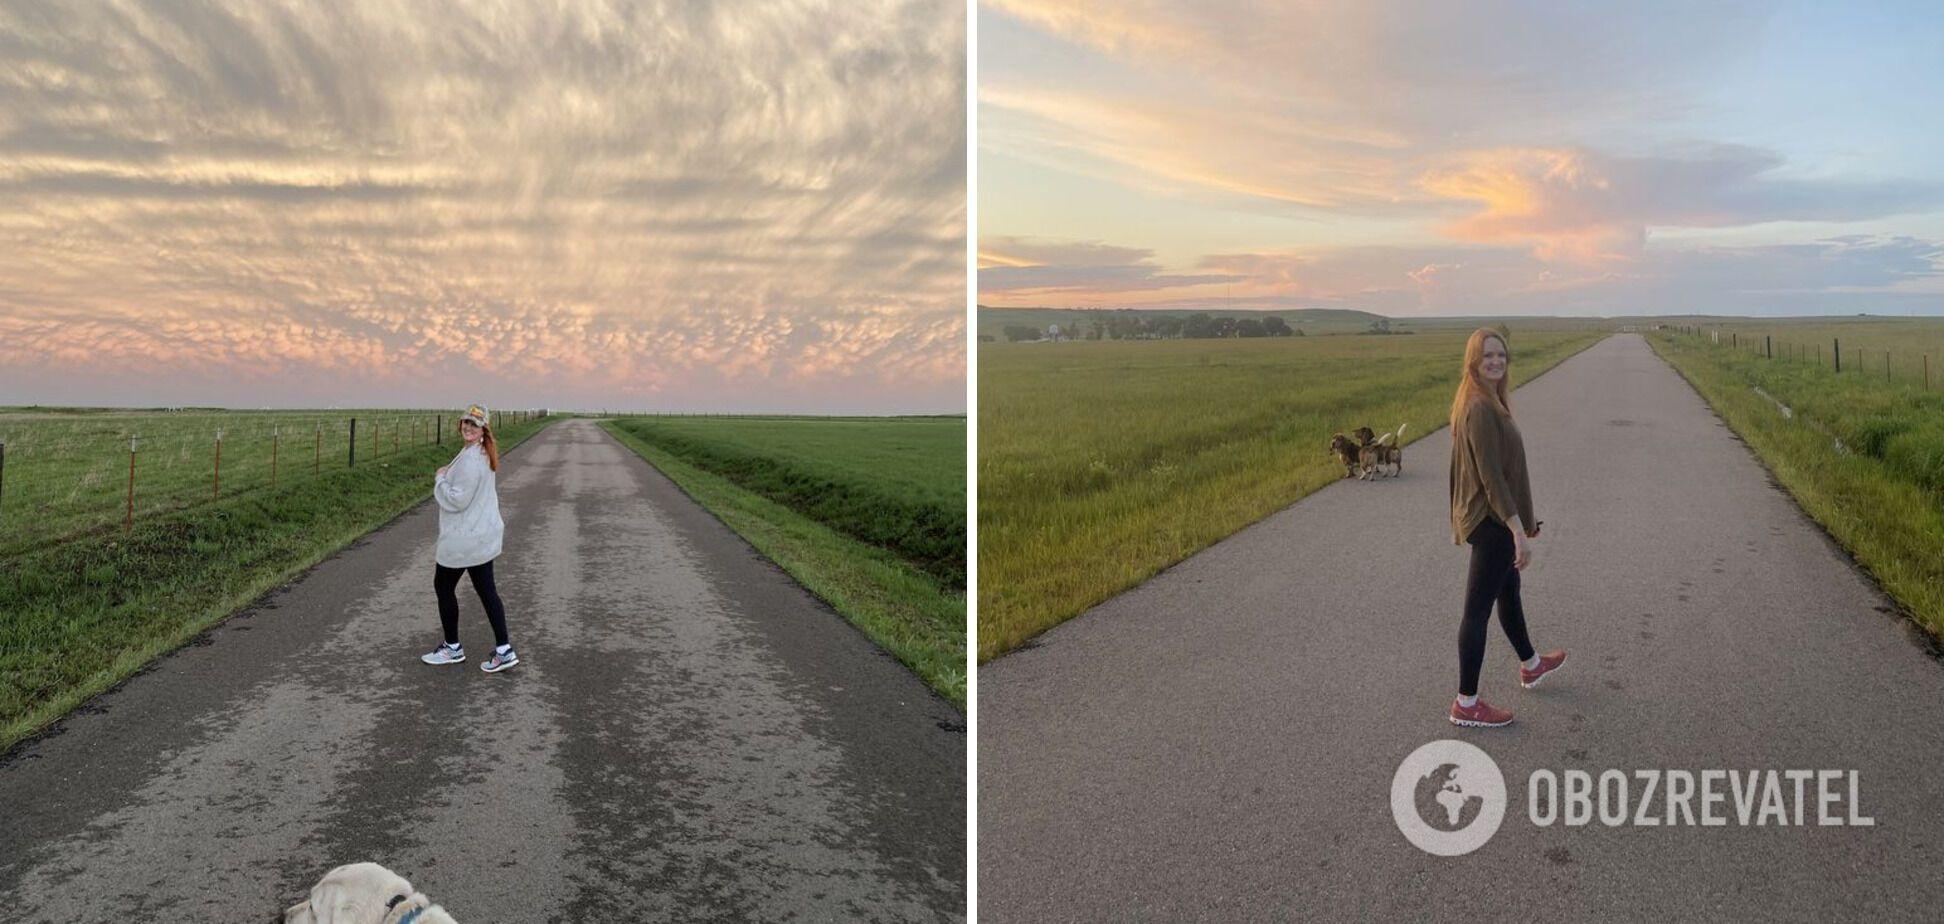 Разница между фото 4 месяца